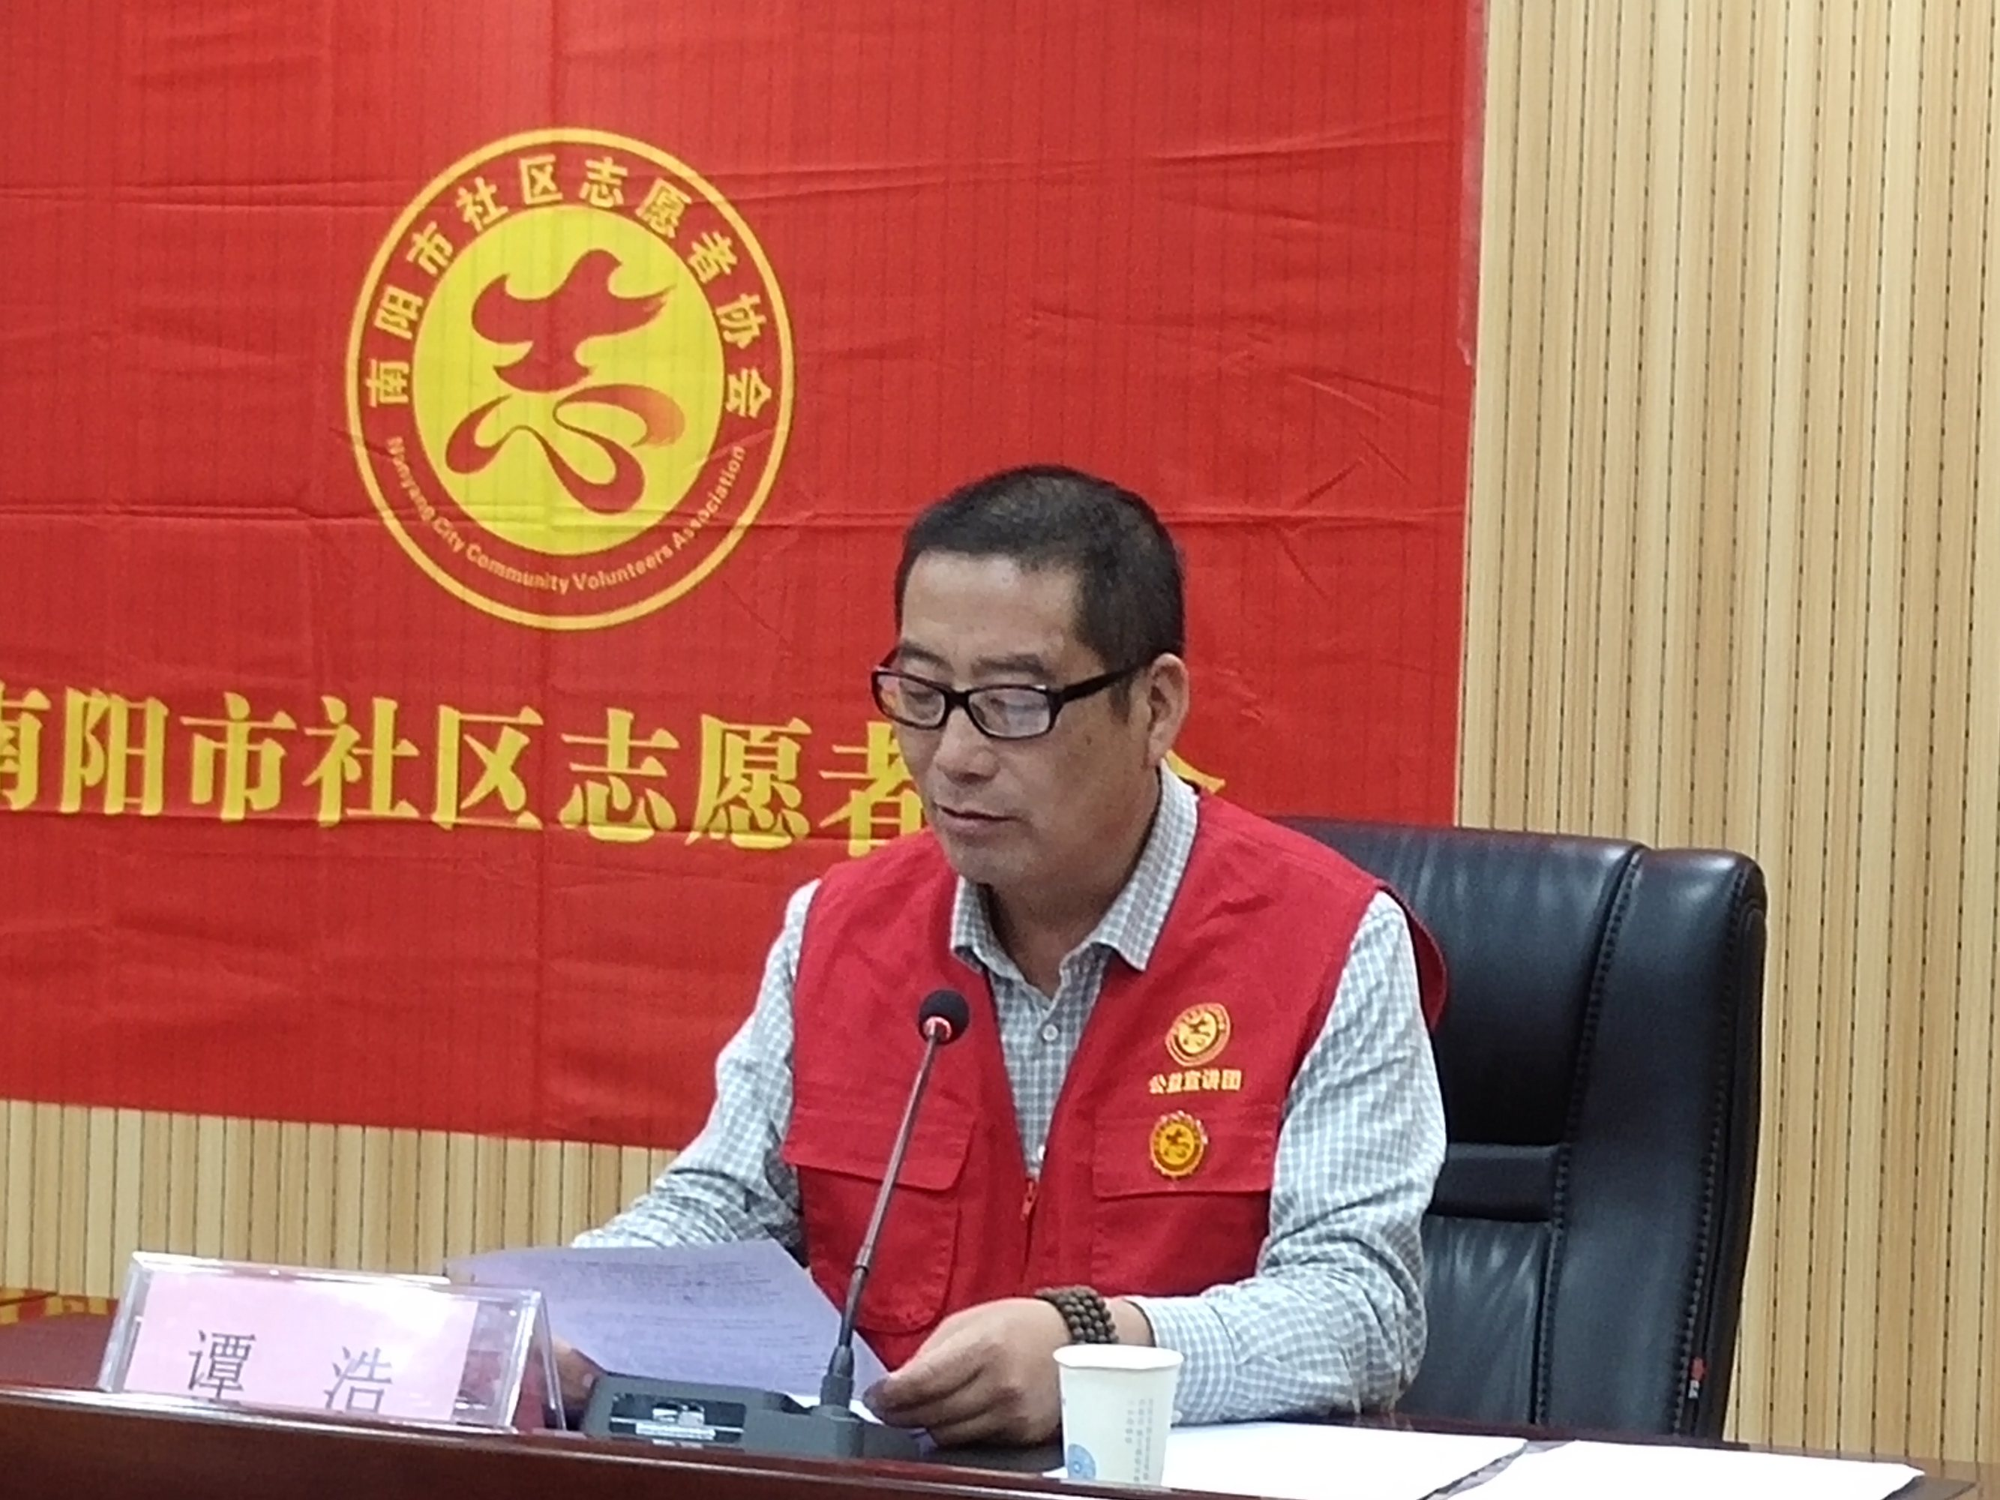 南阳市社区志愿者协会第四届五次理事会议胜利召开